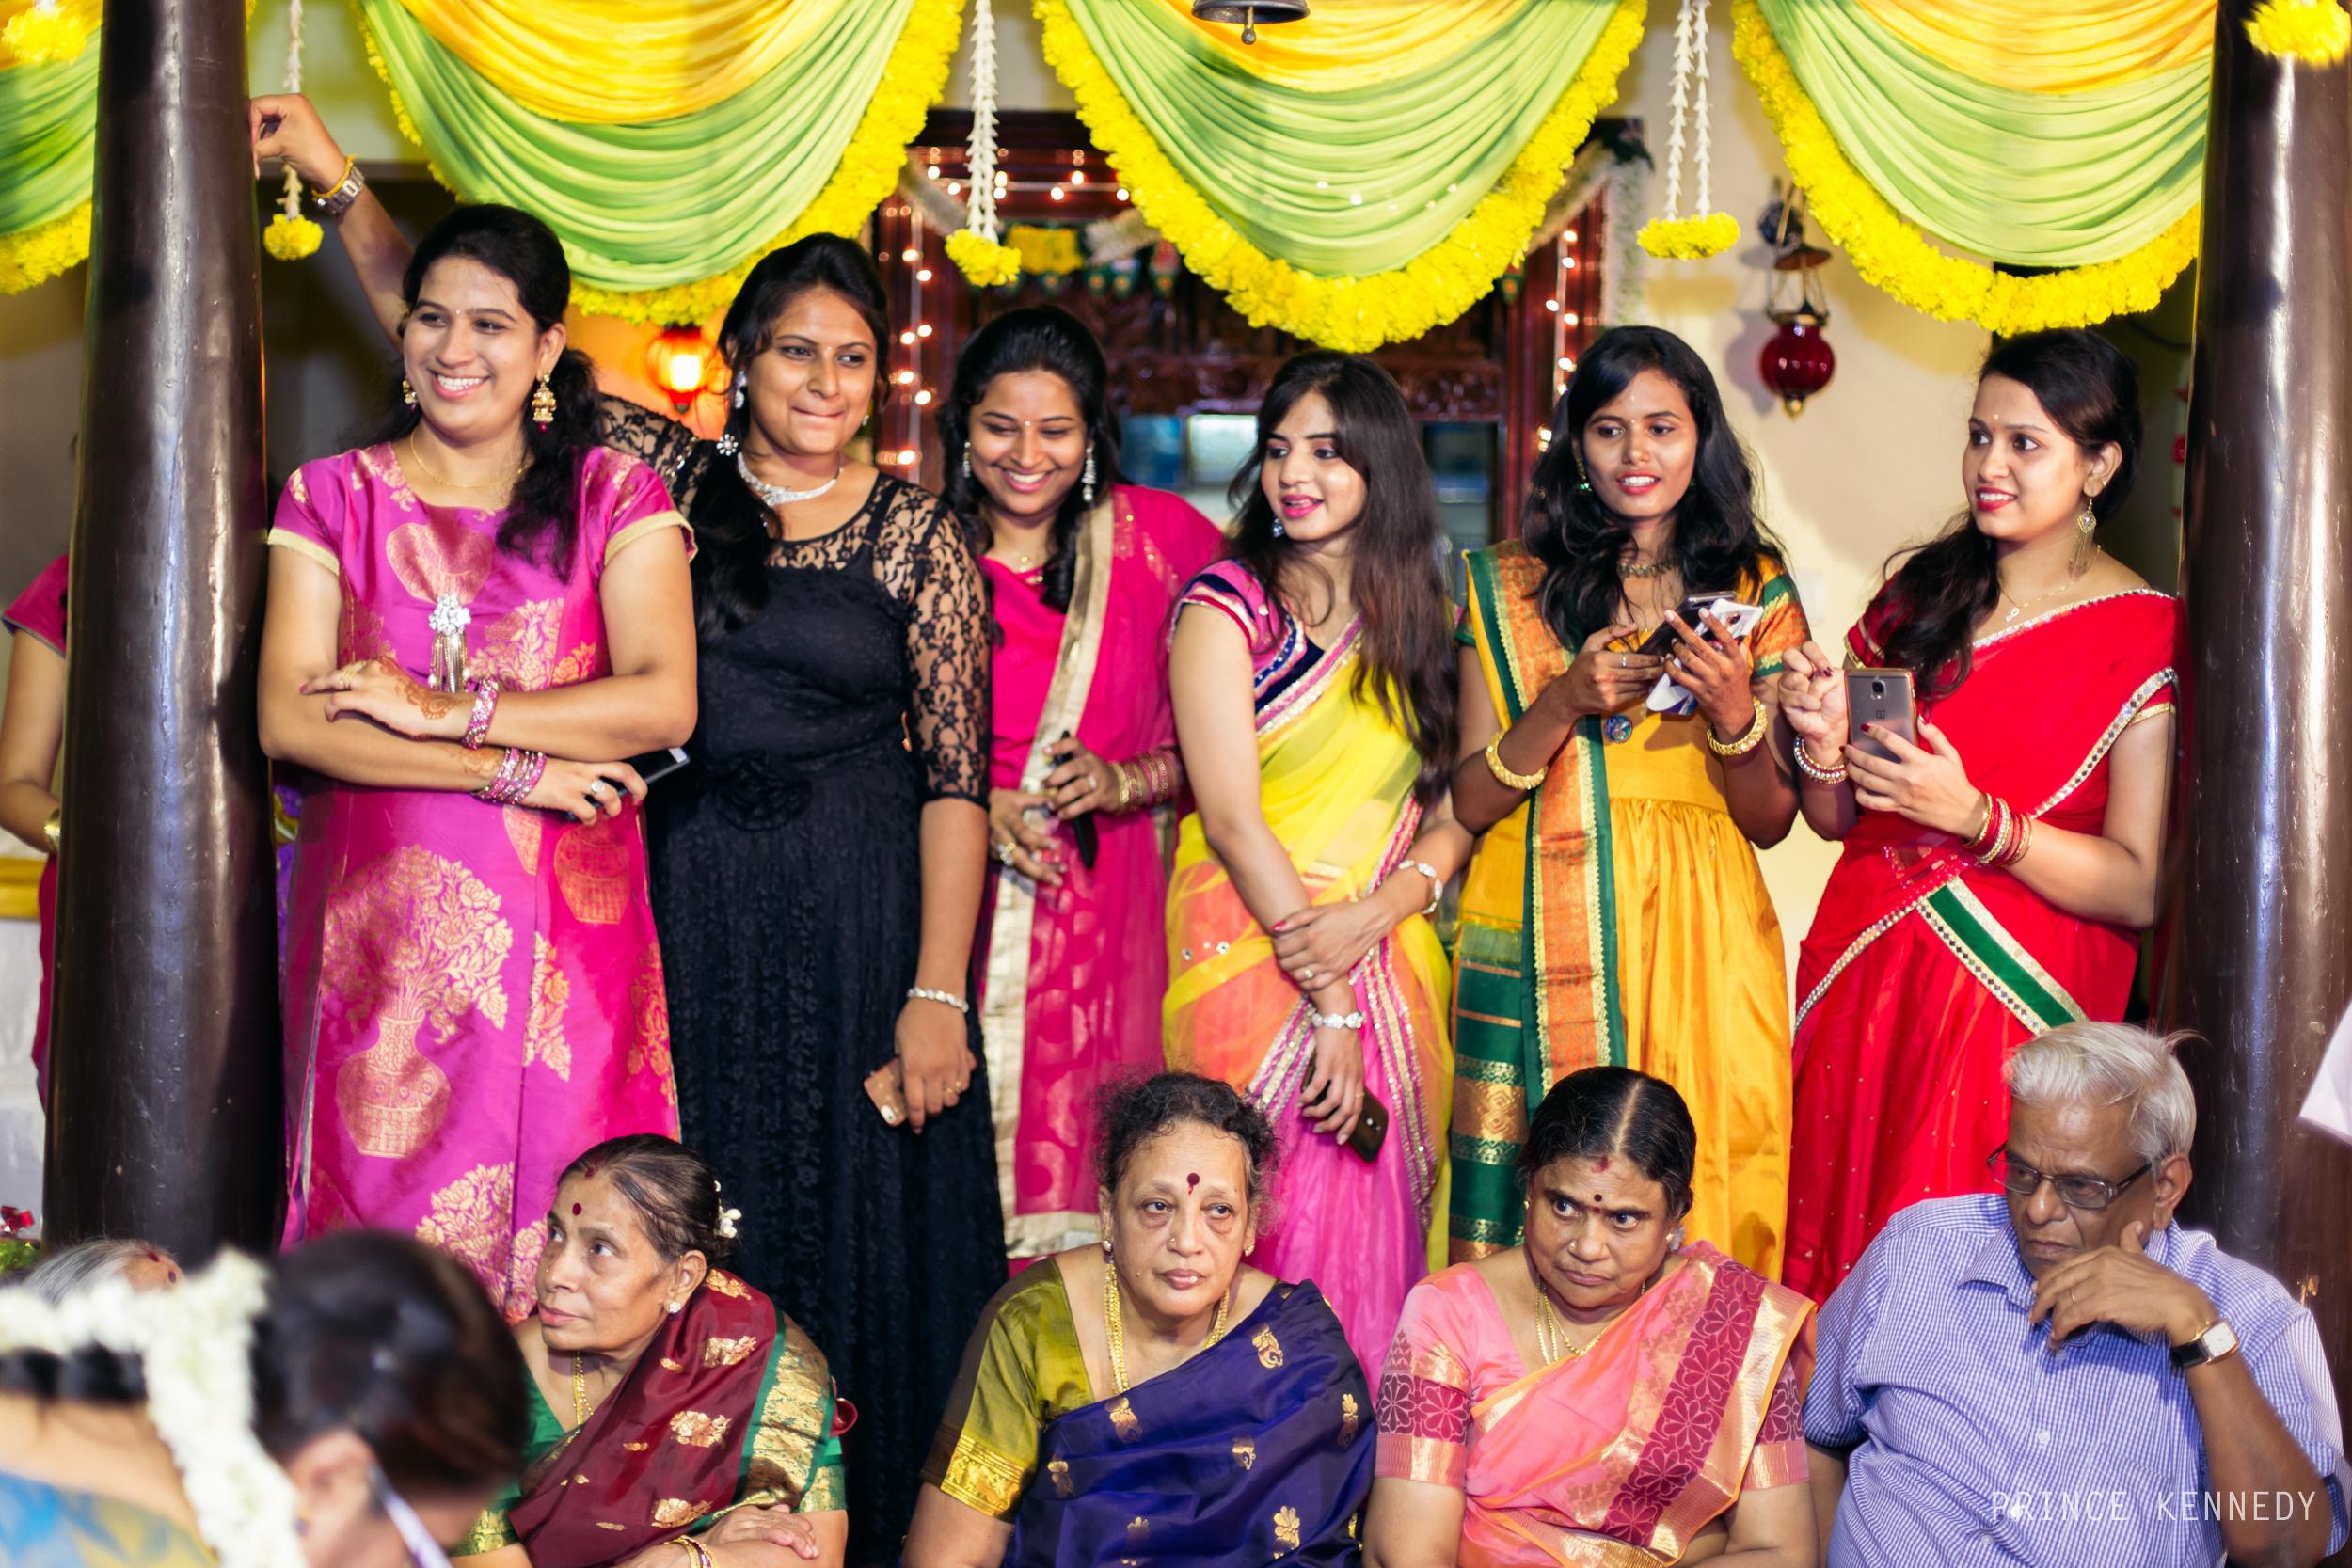 Engagement-Couple-Portrait-Portraiture-Wedding-Couple-Portrait-Chennai-Photographer-Candid-Photography-Destination-Best-Prince-Kennedy-Photography-213.jpg